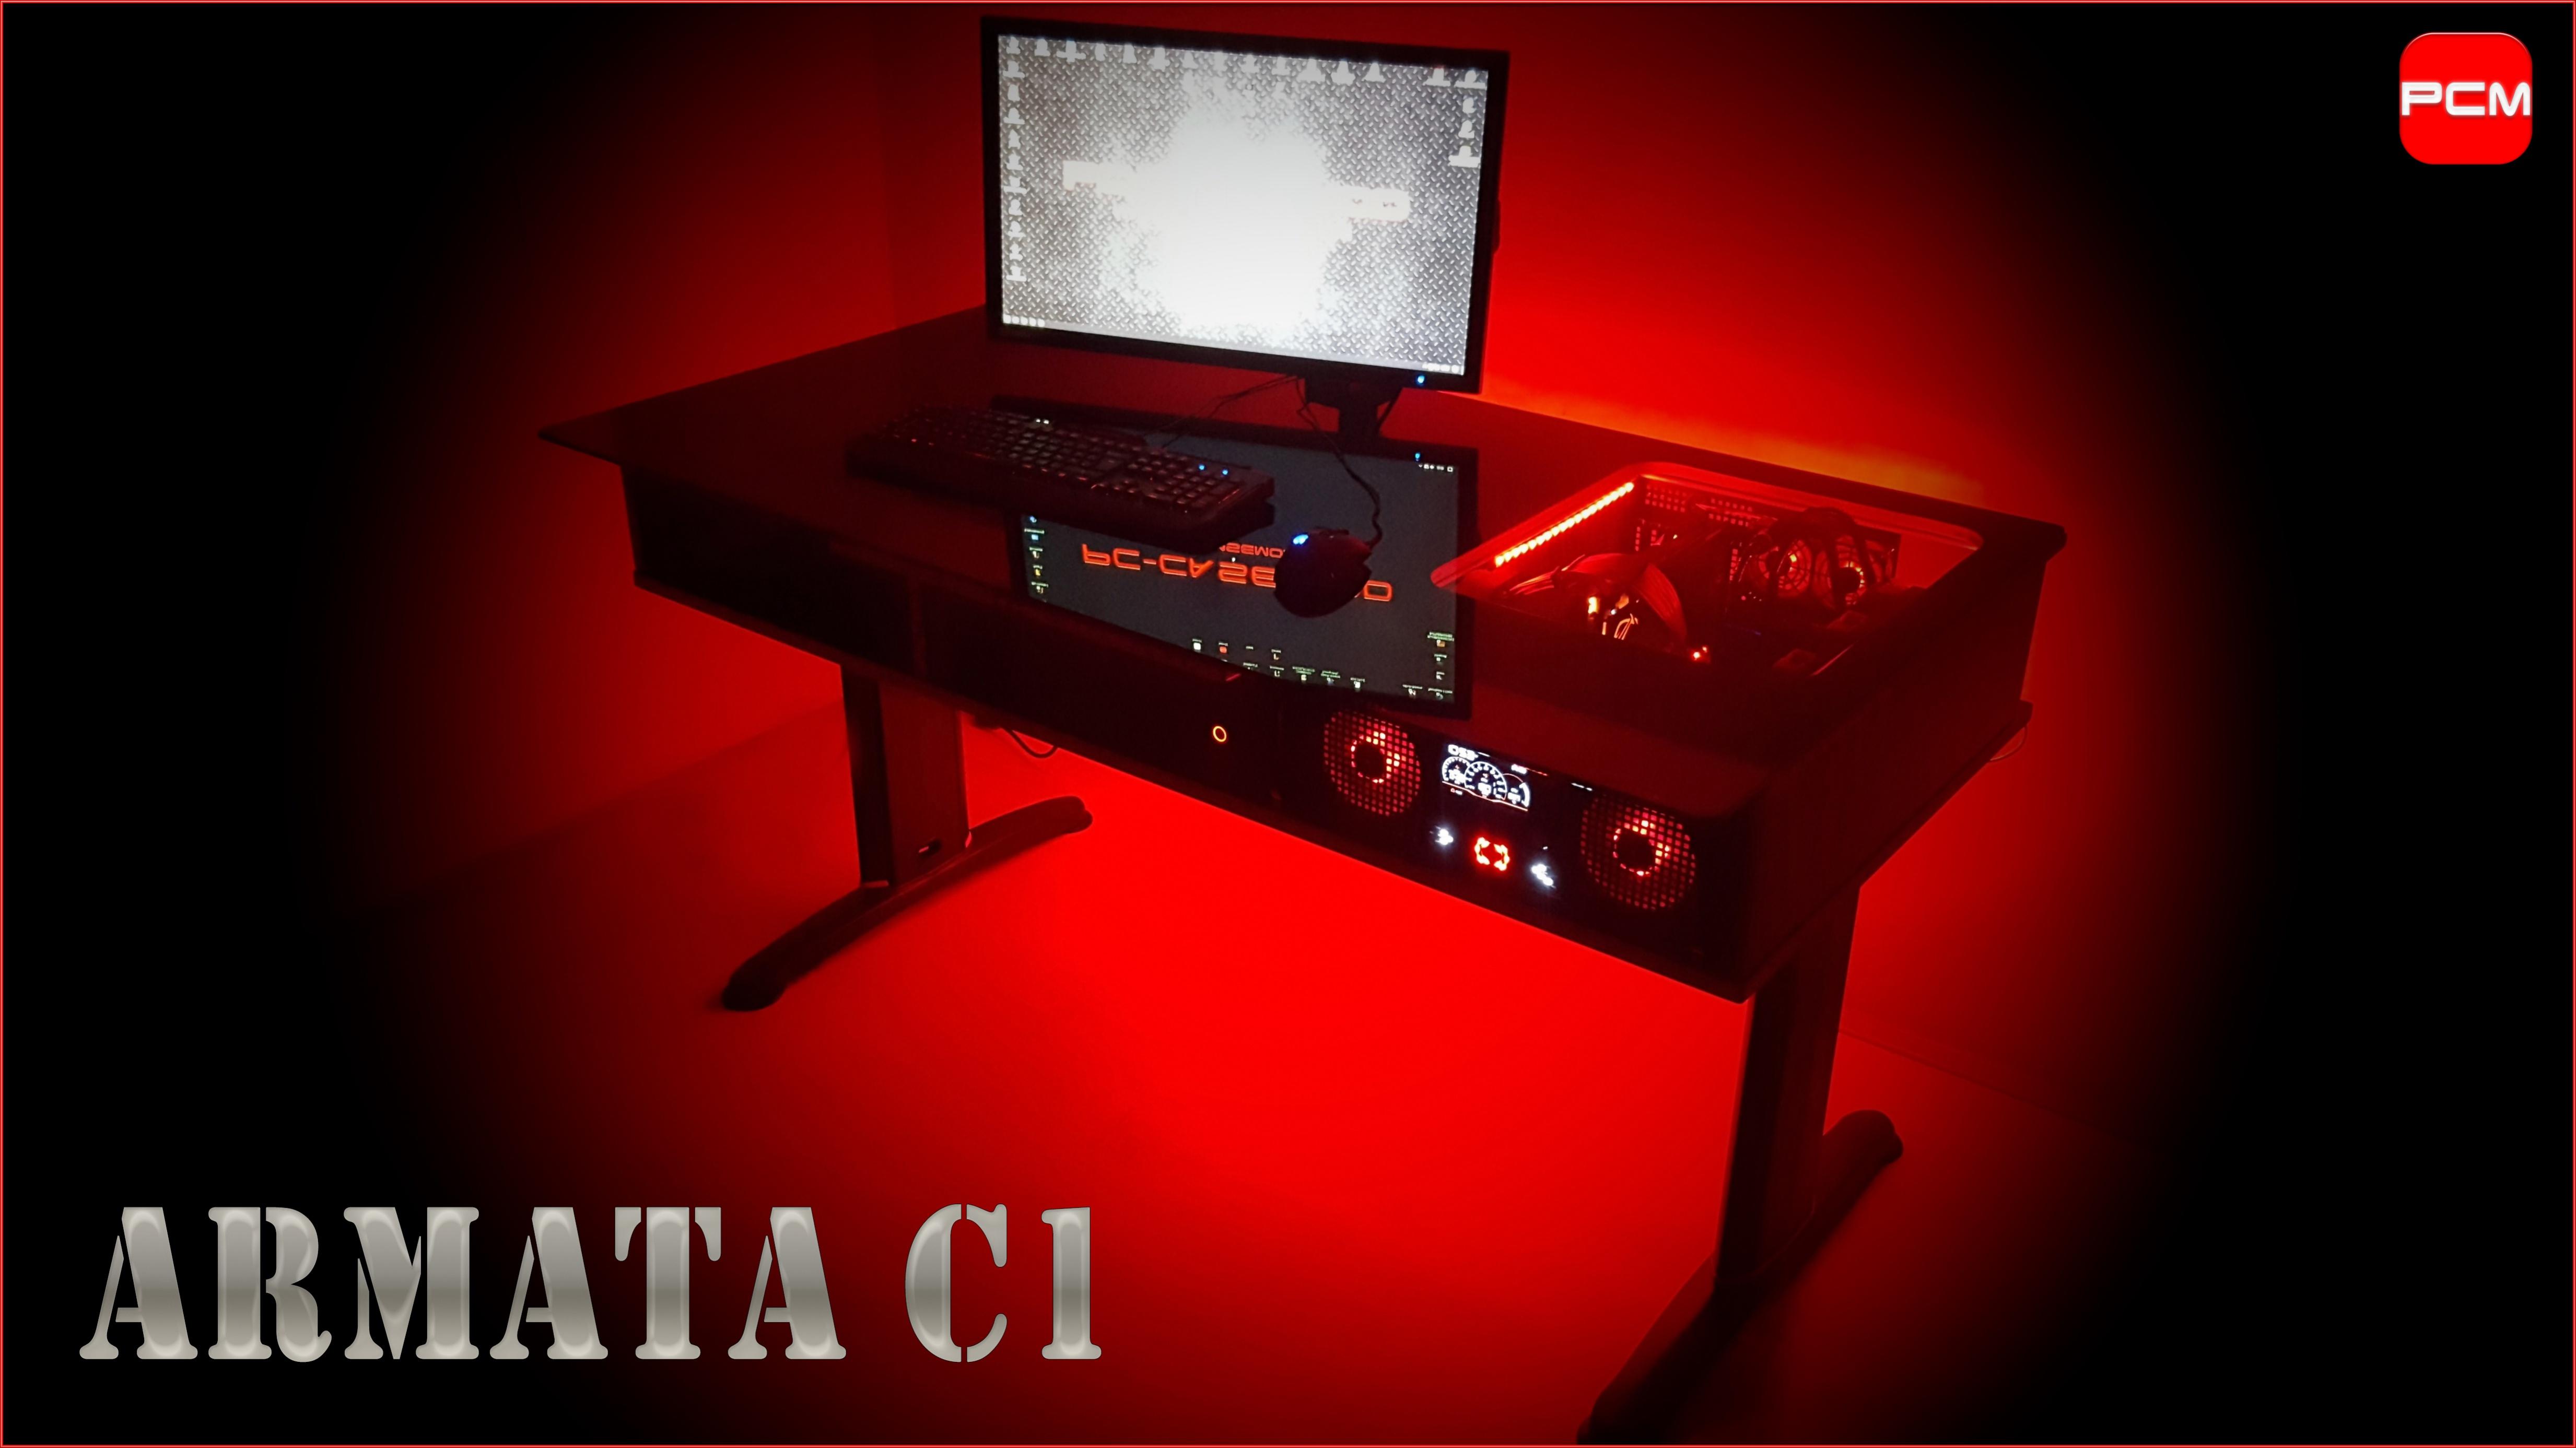 Klicken Sie auf die Grafik für eine größere Ansicht  Name:PC CASE MOD Tischgehäuse Armata C1.jpg Hits:71 Größe:1,16 MB ID:998760